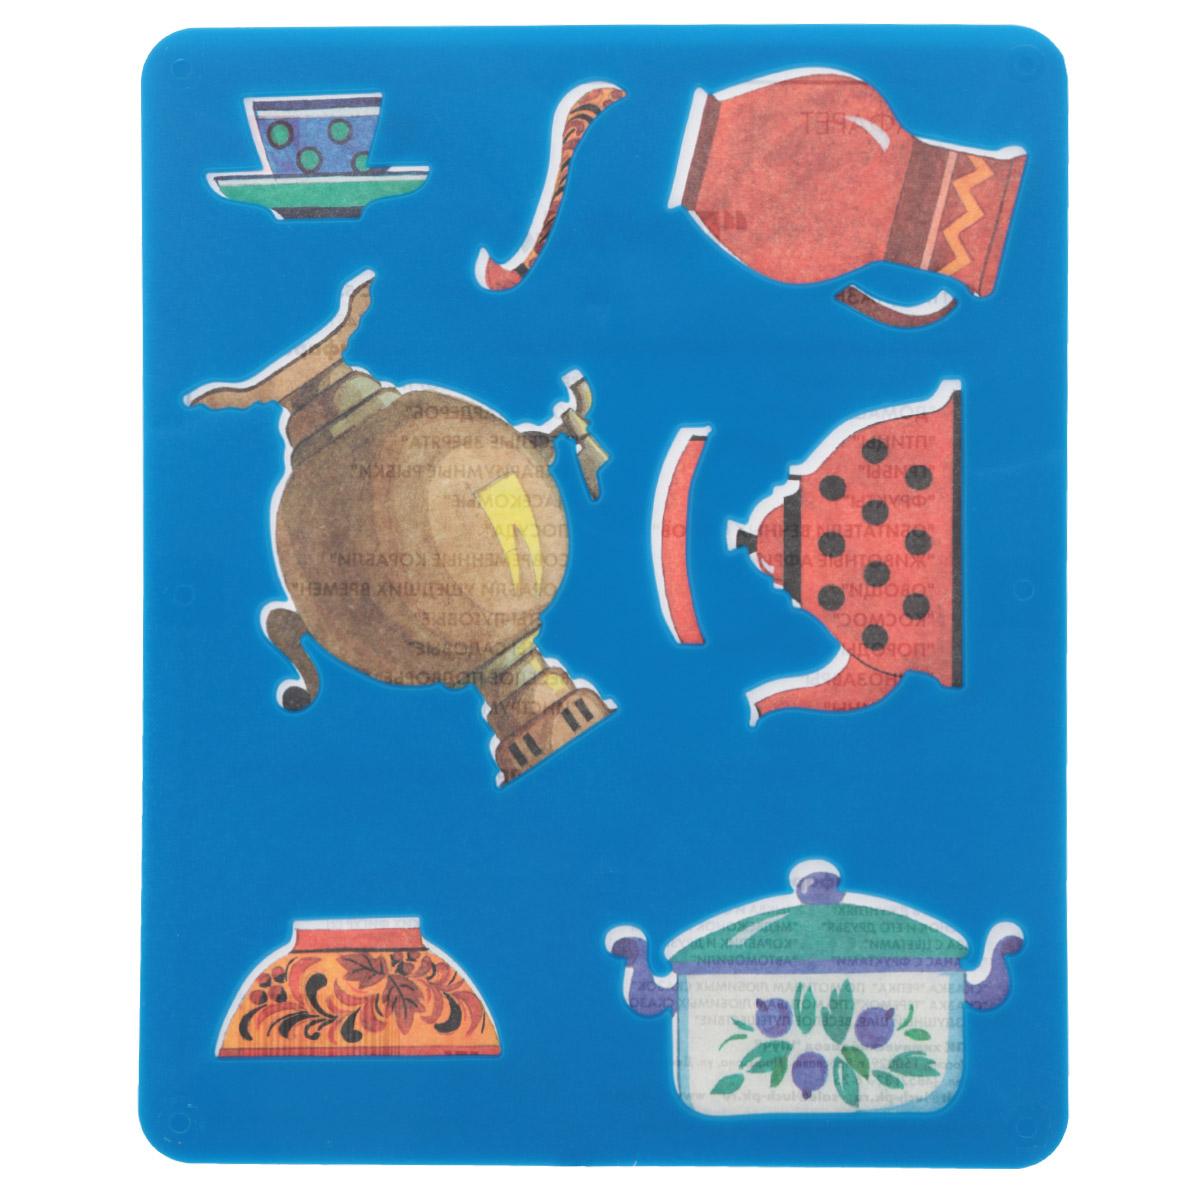 Трафарет прорезной Луч Посуда10С 536-08Трафарет Луч Посуда, выполненный из безопасного пластика, предназначен для детского творчества. По трафарету маленькие художники смогут нарисовать самовар, чайник с чашкой, кастрюлю, тарелку с ложкой и кувшин. Для этого необходимо положить трафарет на лист бумаги, обвести фигуру по контуру и раскрасить по своему вкусу или глядя на цветную картинку-образец. Трафареты предназначены для развития у детей мелкой моторики и зрительно-двигательной координации, навыков художественной композиции и зрительного восприятия.